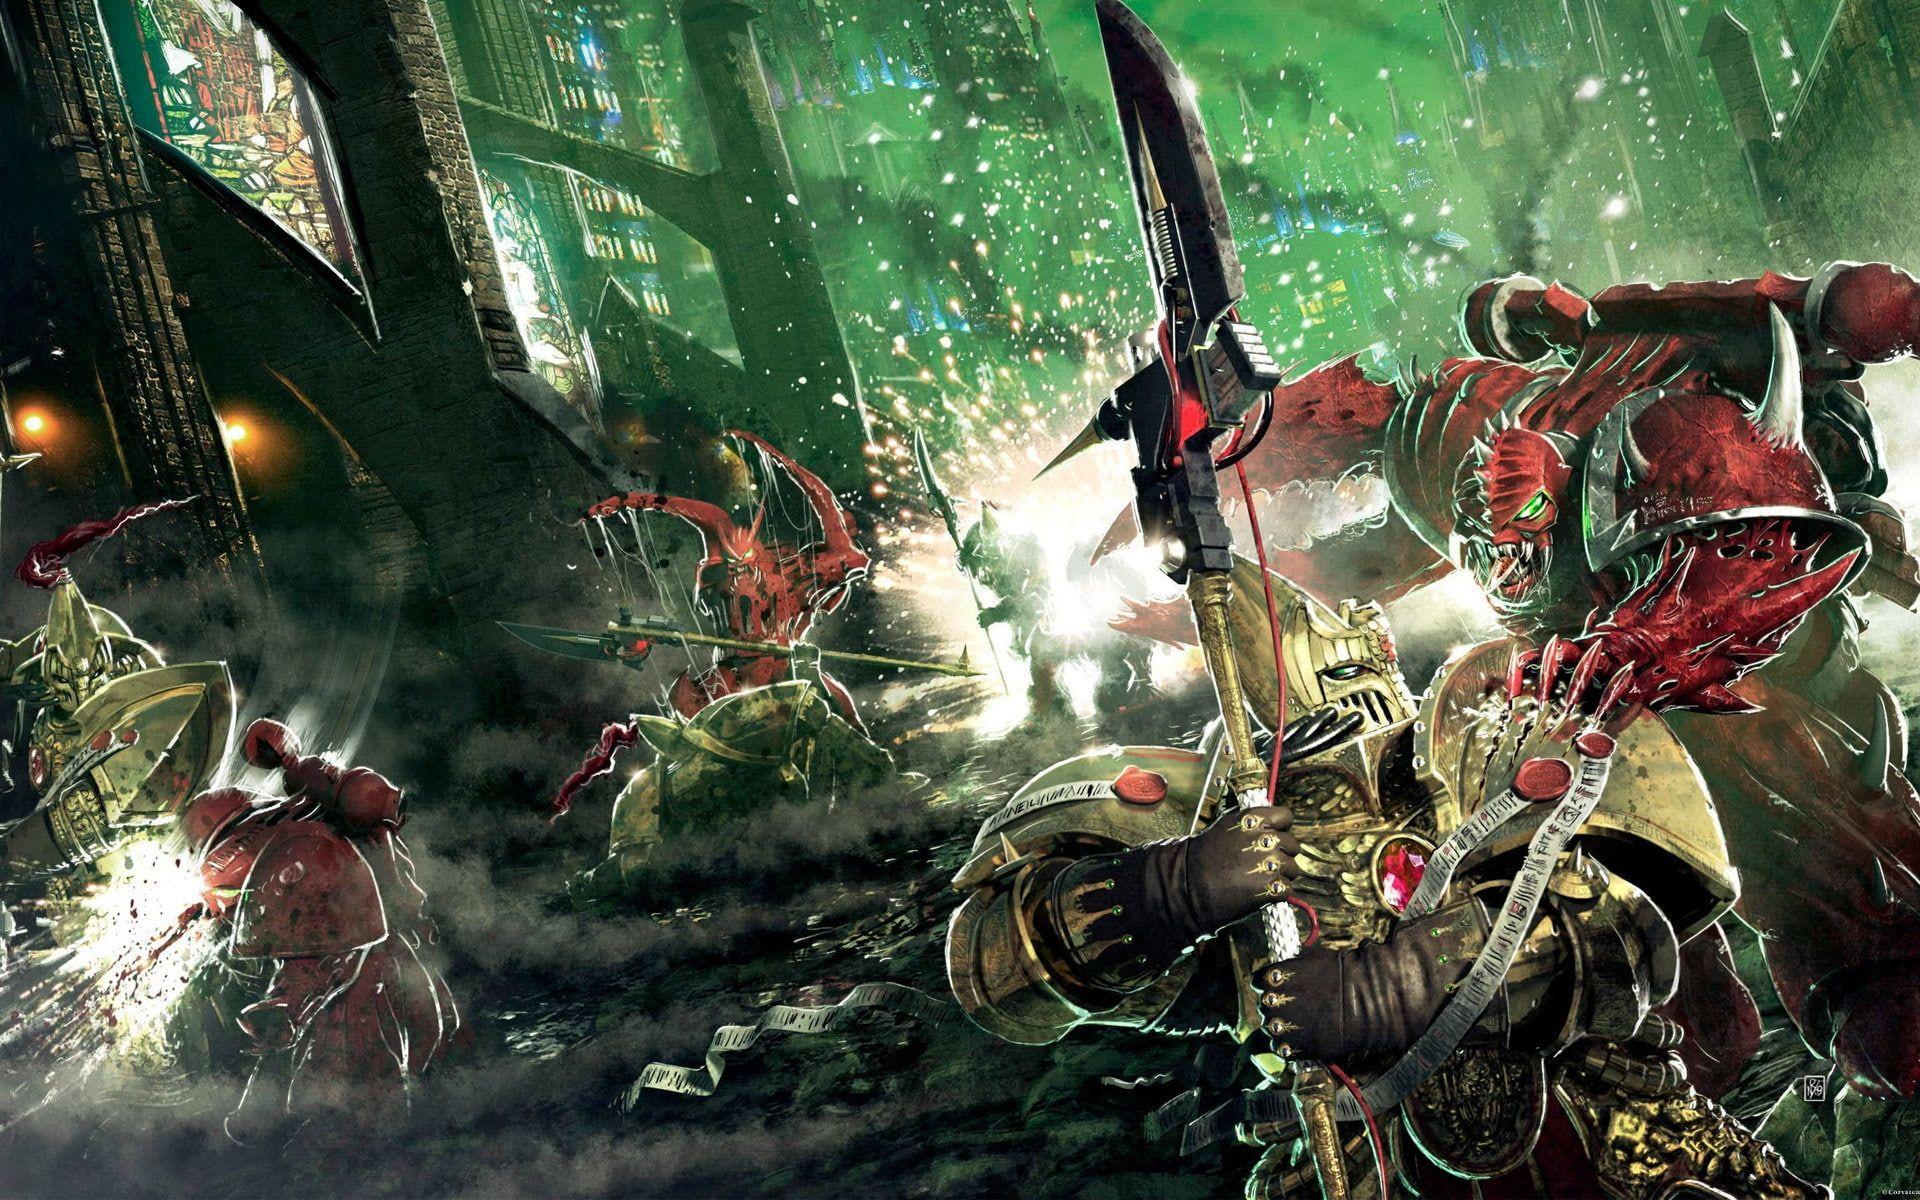 Pin On Warhammer 40k